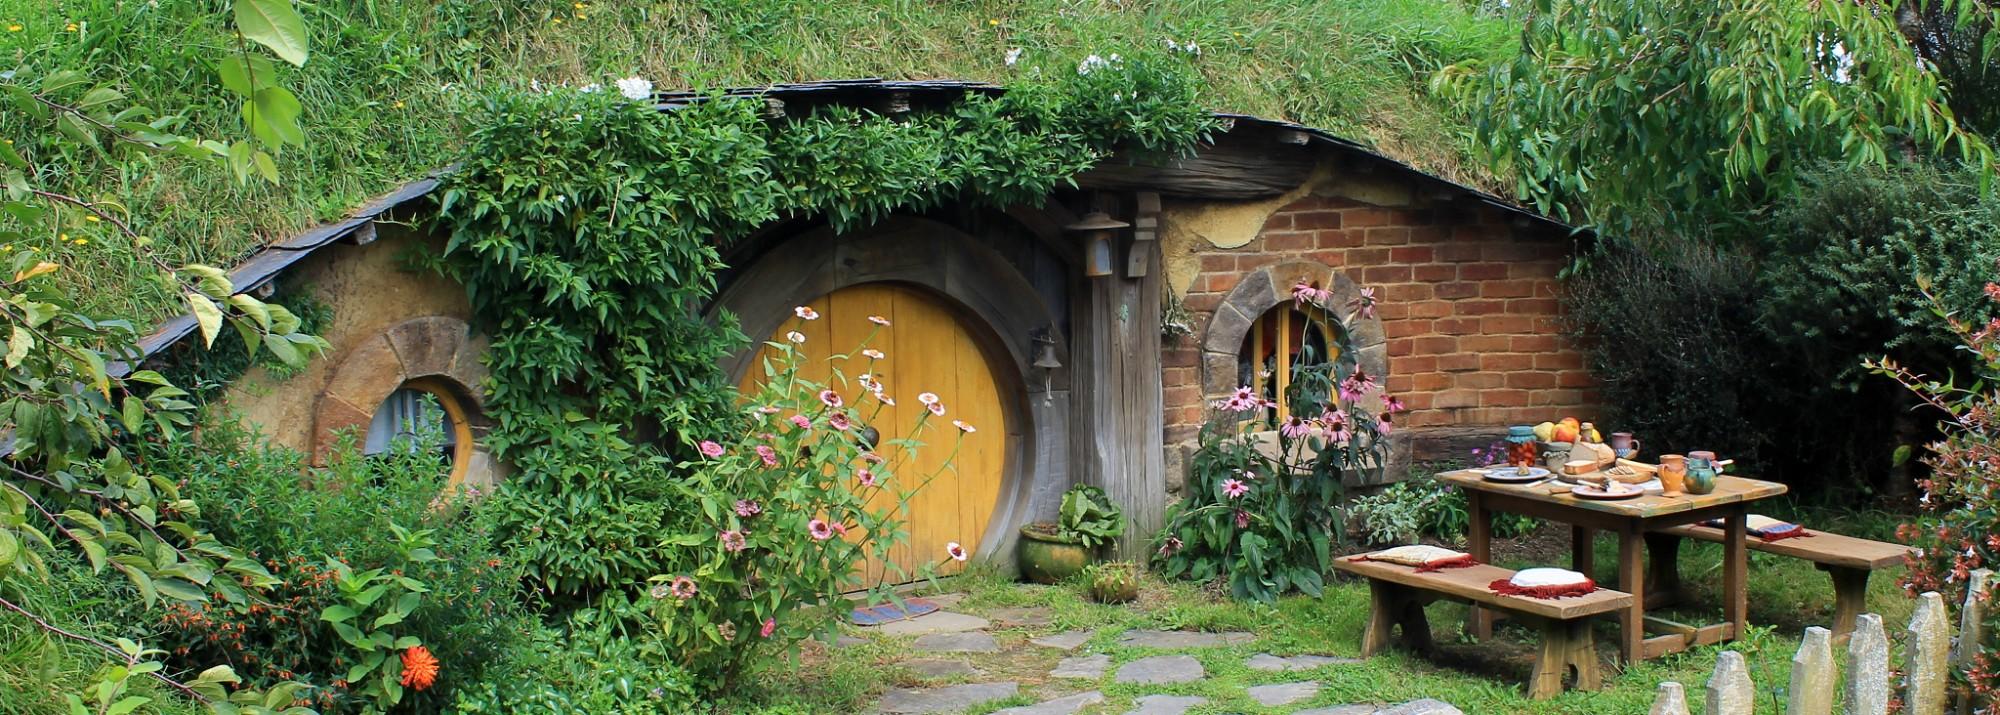 Neuseeland: Aotearoa, das Land der langen weißen Wolke und Heimat der Hobbit